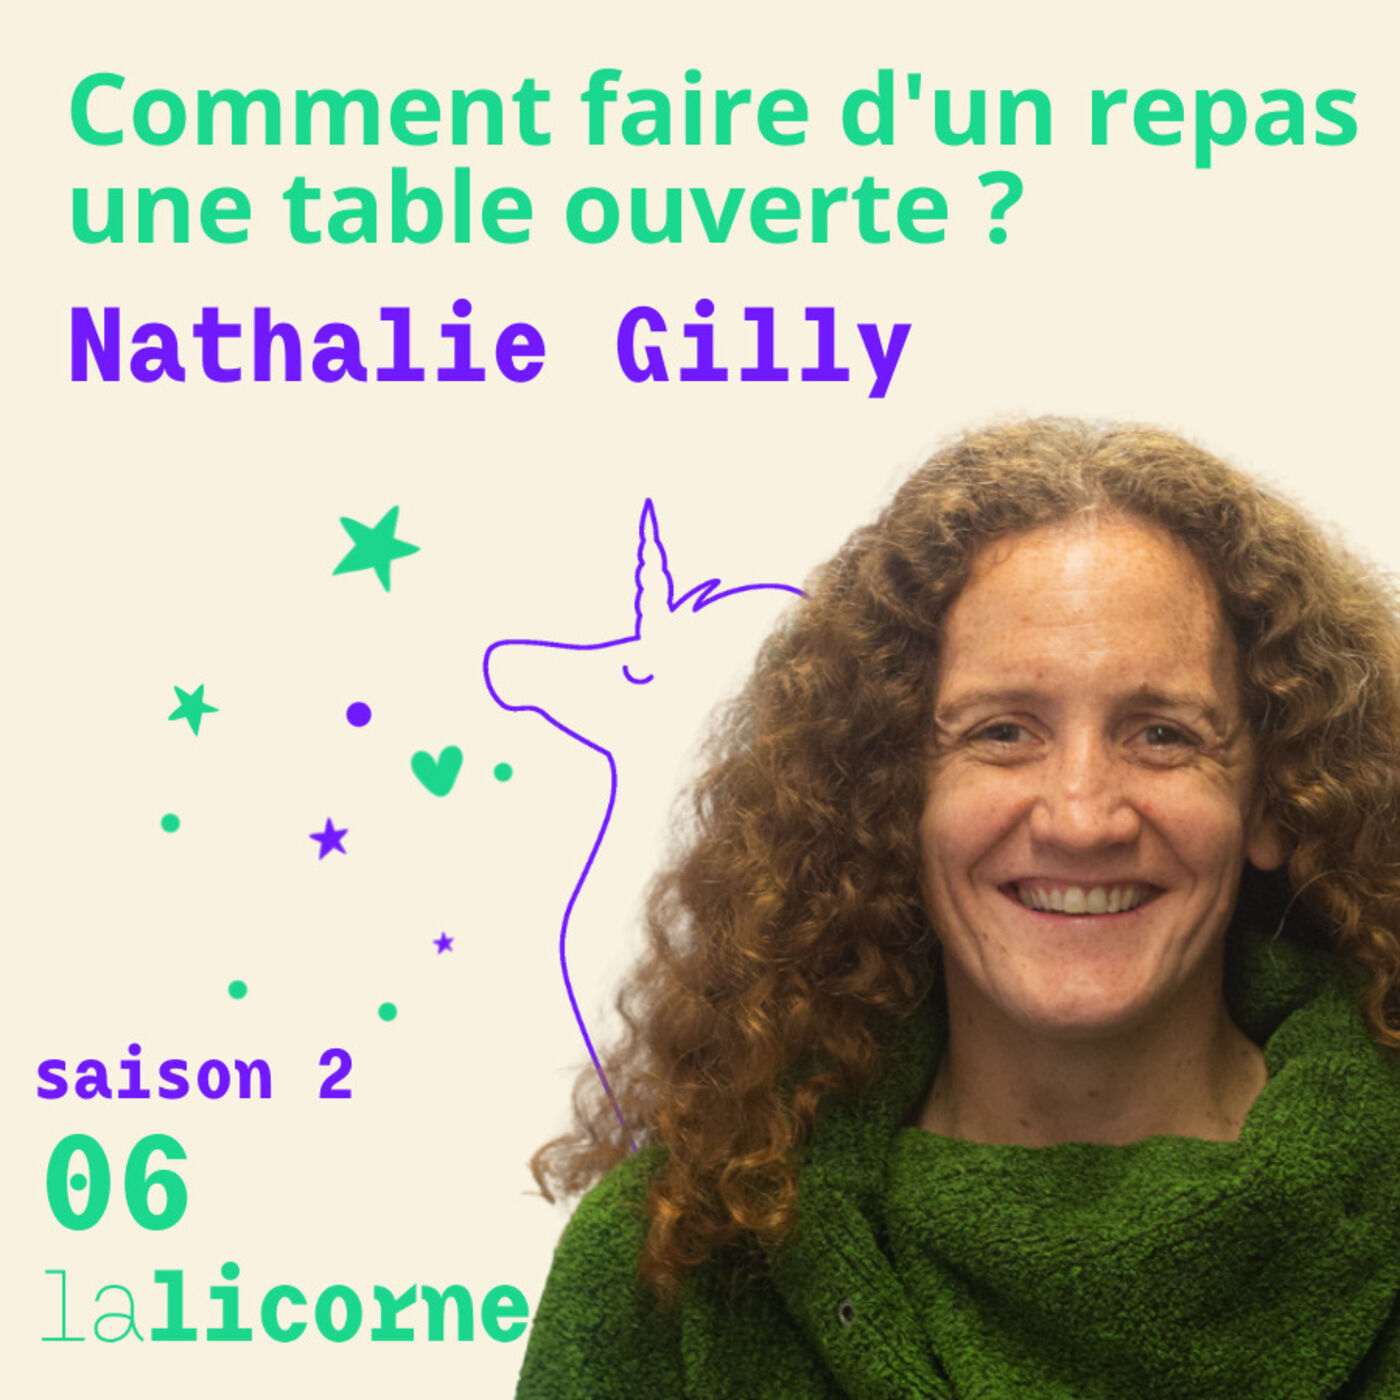 2.6 🏡 Nathalie Gilly - Comment faire d'un repas une table ouverte ?